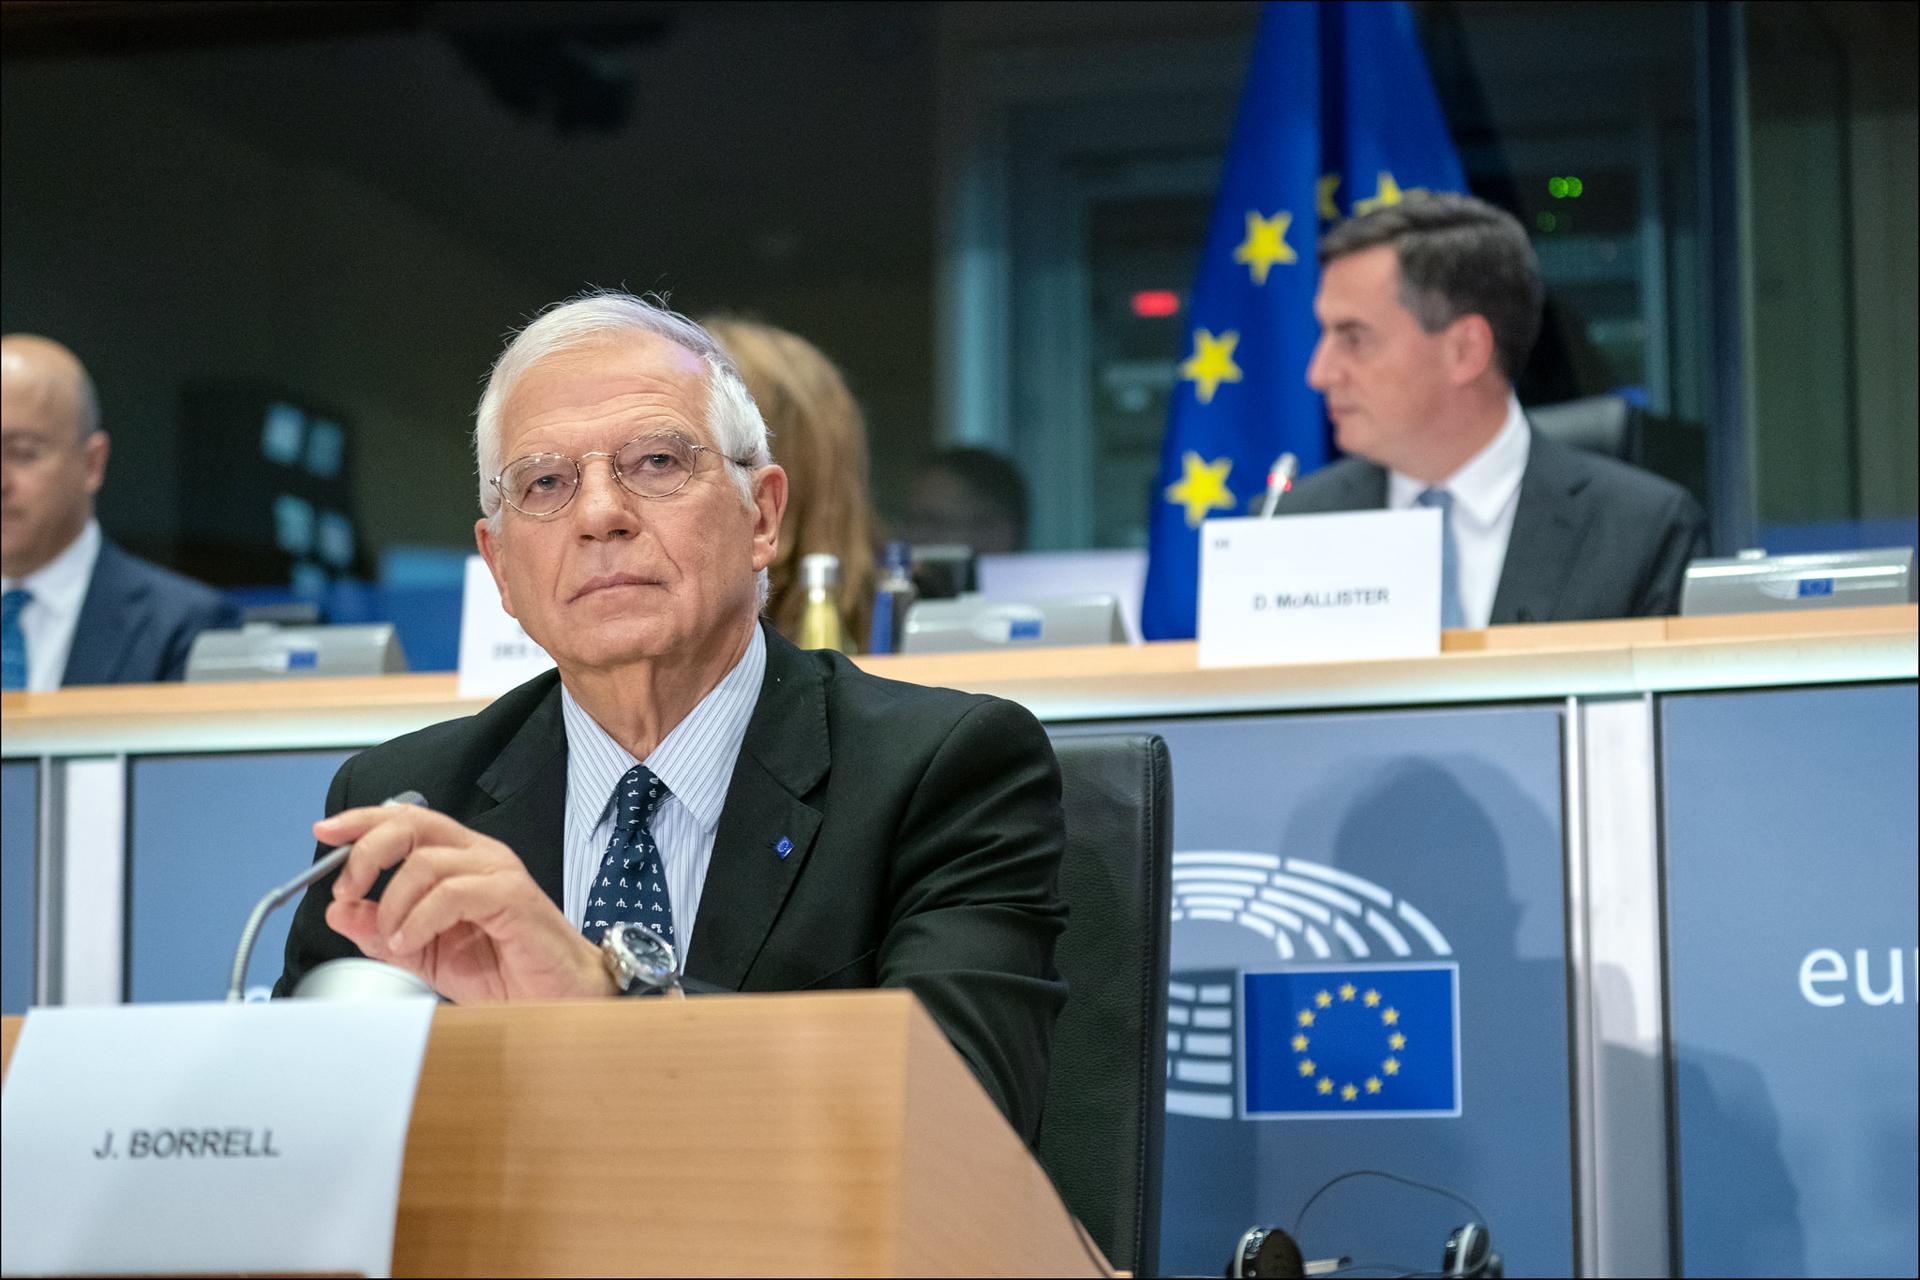 الاتحاد الاوروبي يتابع التطورات في الصحراء الغربية، ويؤيد بشدة مساعي الأمم المتحدة لإيجاد تسوية سلمية لمسألة الصحراء الغربية